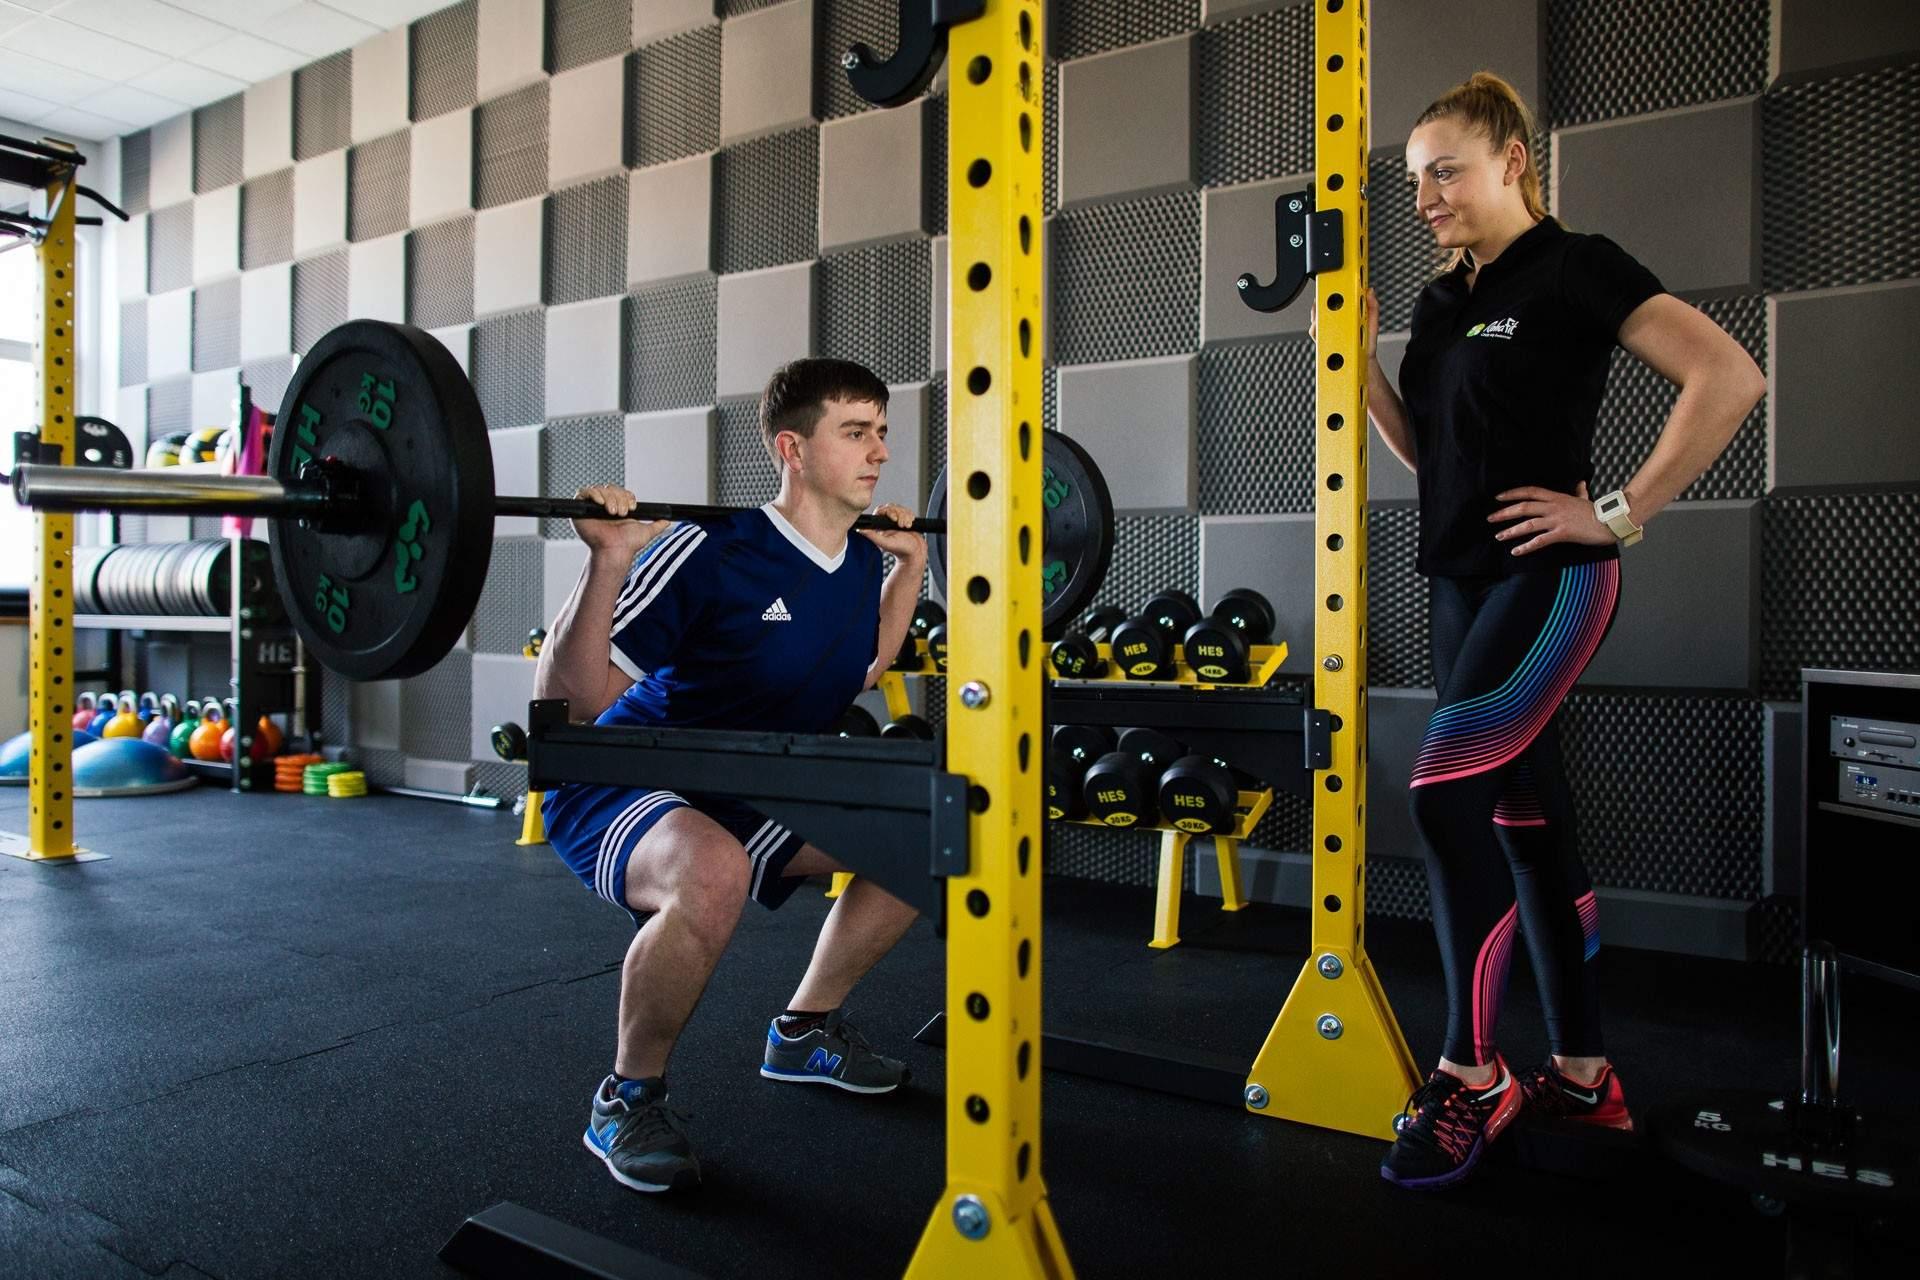 Nasza trenerka personalna Katarzyna Zielińska doskonale wie, że prawidłowo wykonywane przysiady to podstawa odpowiedniego treningu.